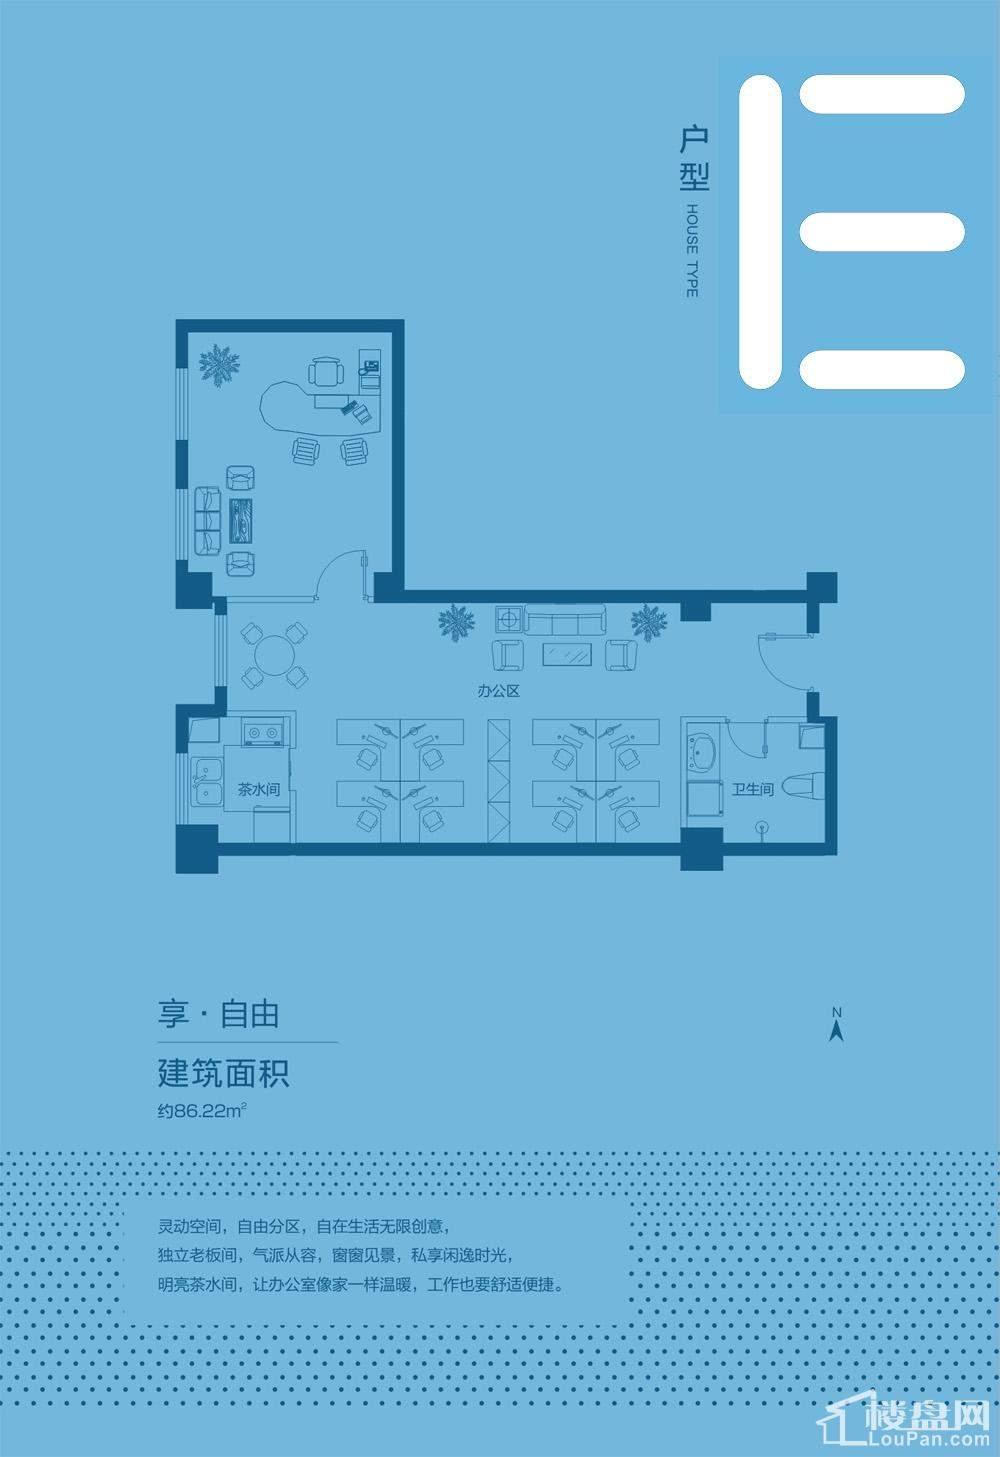 GATHER铂金公寓E-